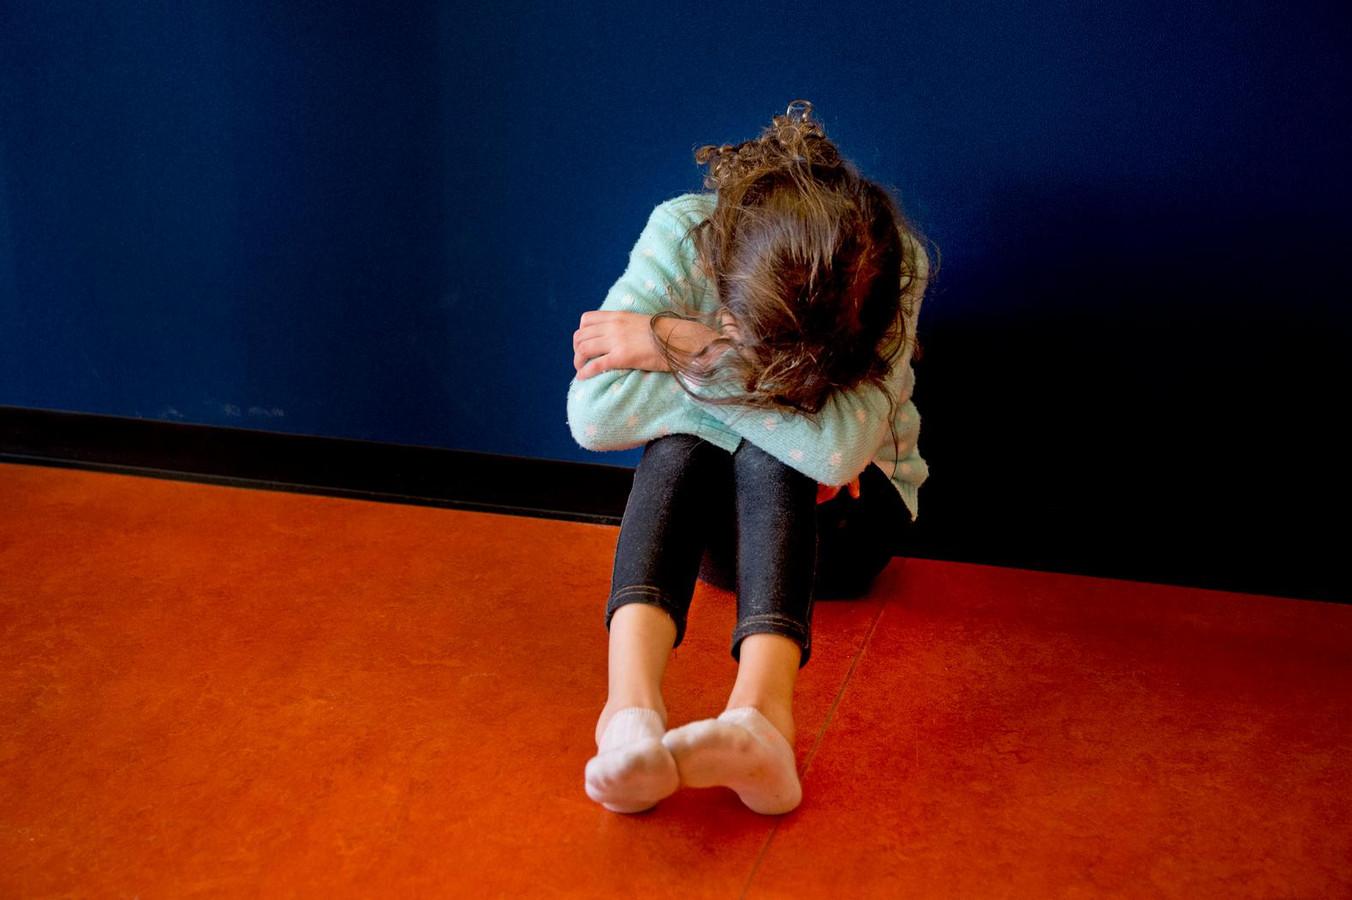 Politieman aangegrepen door aan bed vastgebonden meisje foto - Slaapkamer fotos van het meisje ...